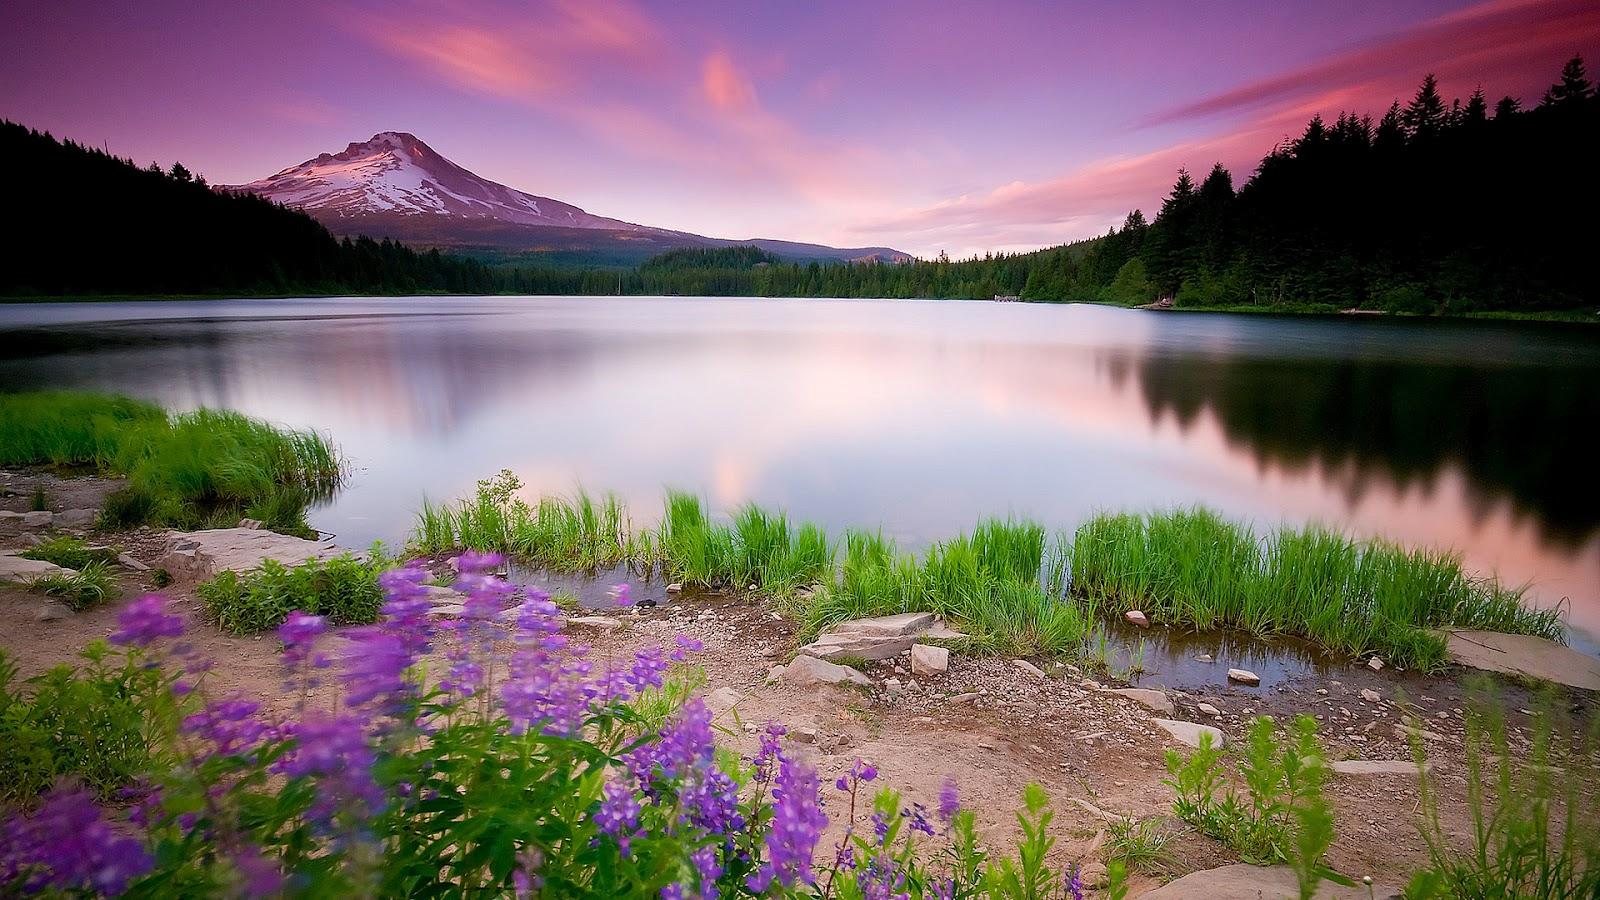 Rosas Rojas Flores y paisajes hermosos enfemenino  - Imagenes De Paisajes Con Rosas